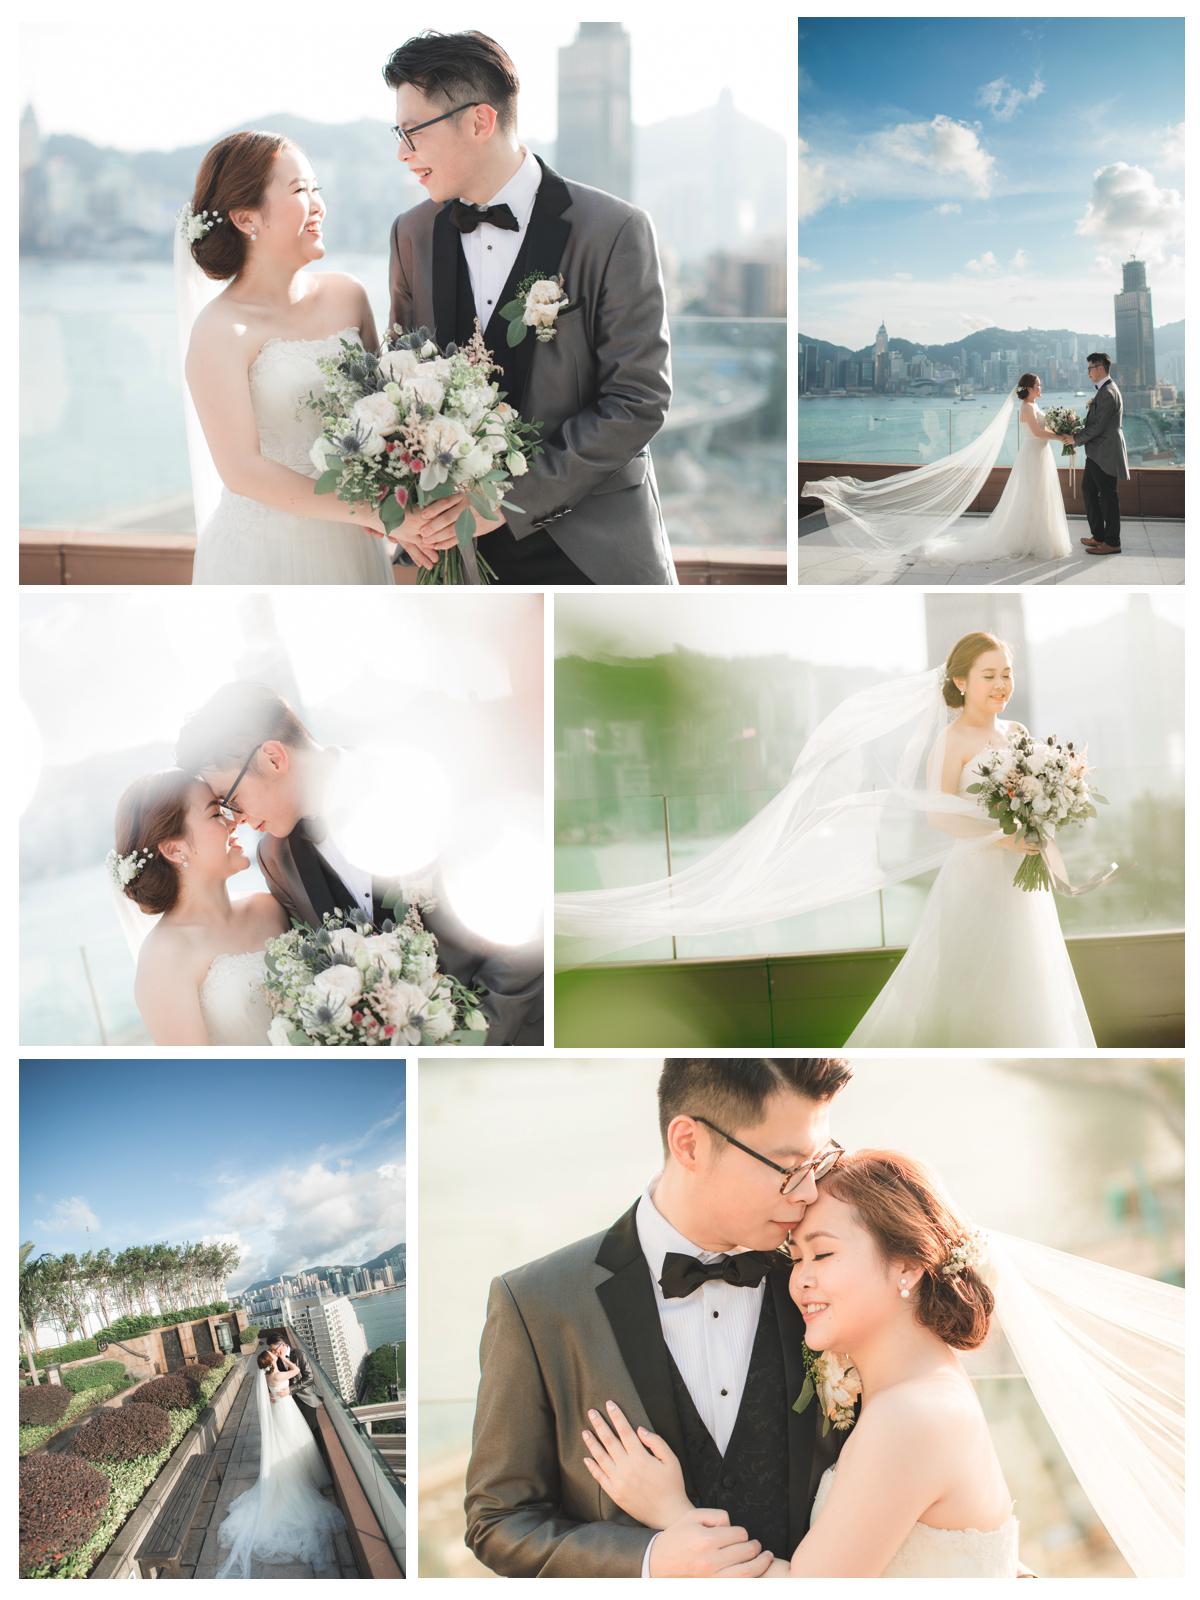 mingyungphoto-20161001-28